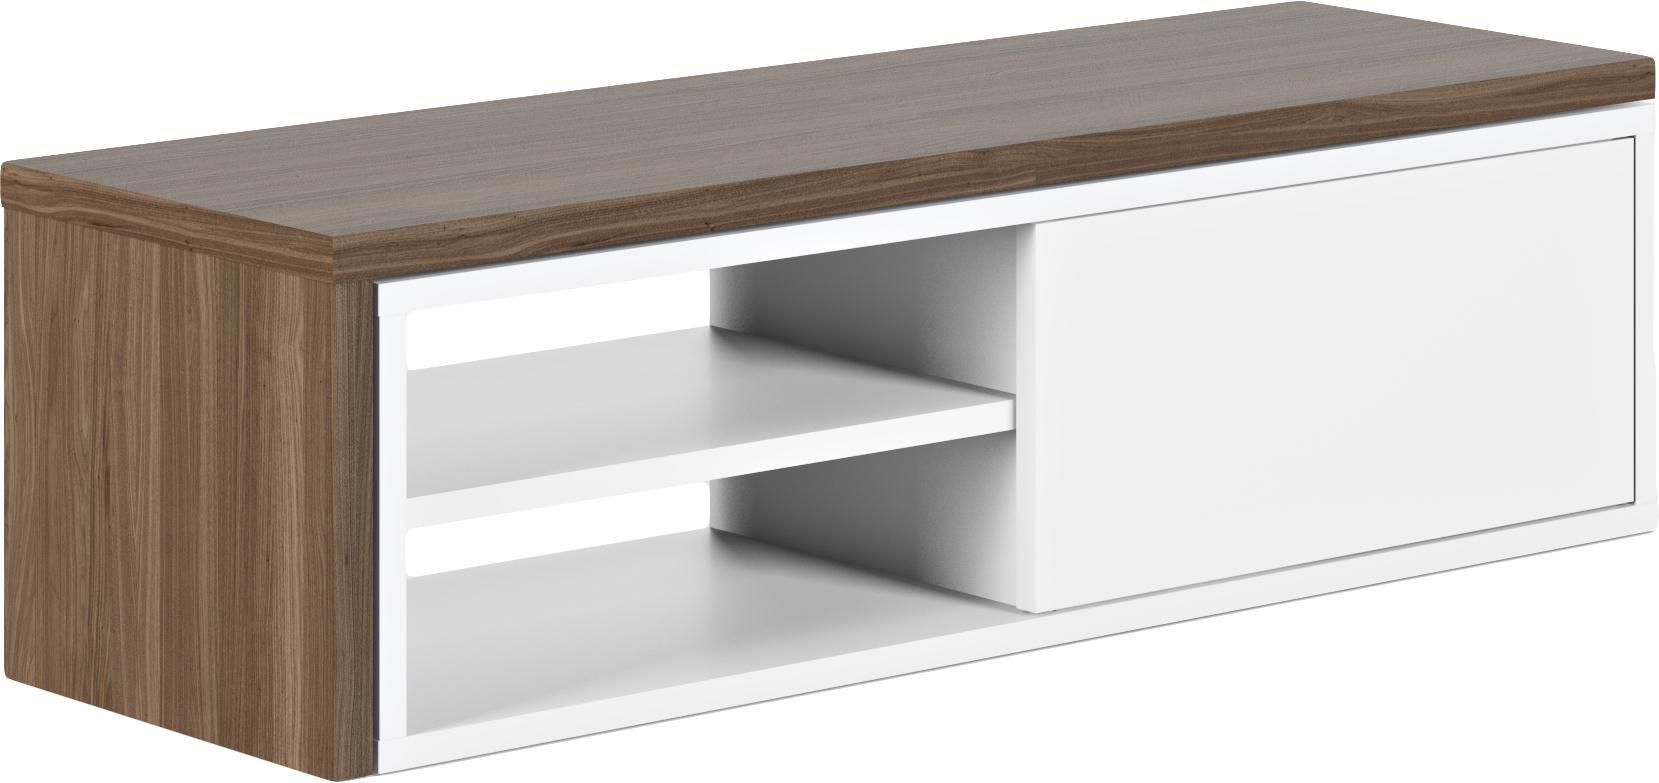 TV-Lowboard Lieke mit Schiebetür, Auflageelement: Mitteldichte Holzfaserpla, Lowboard: Mitteldichte Holzfaserpla, Walnussholz, Weiß, 110 x 32 cm